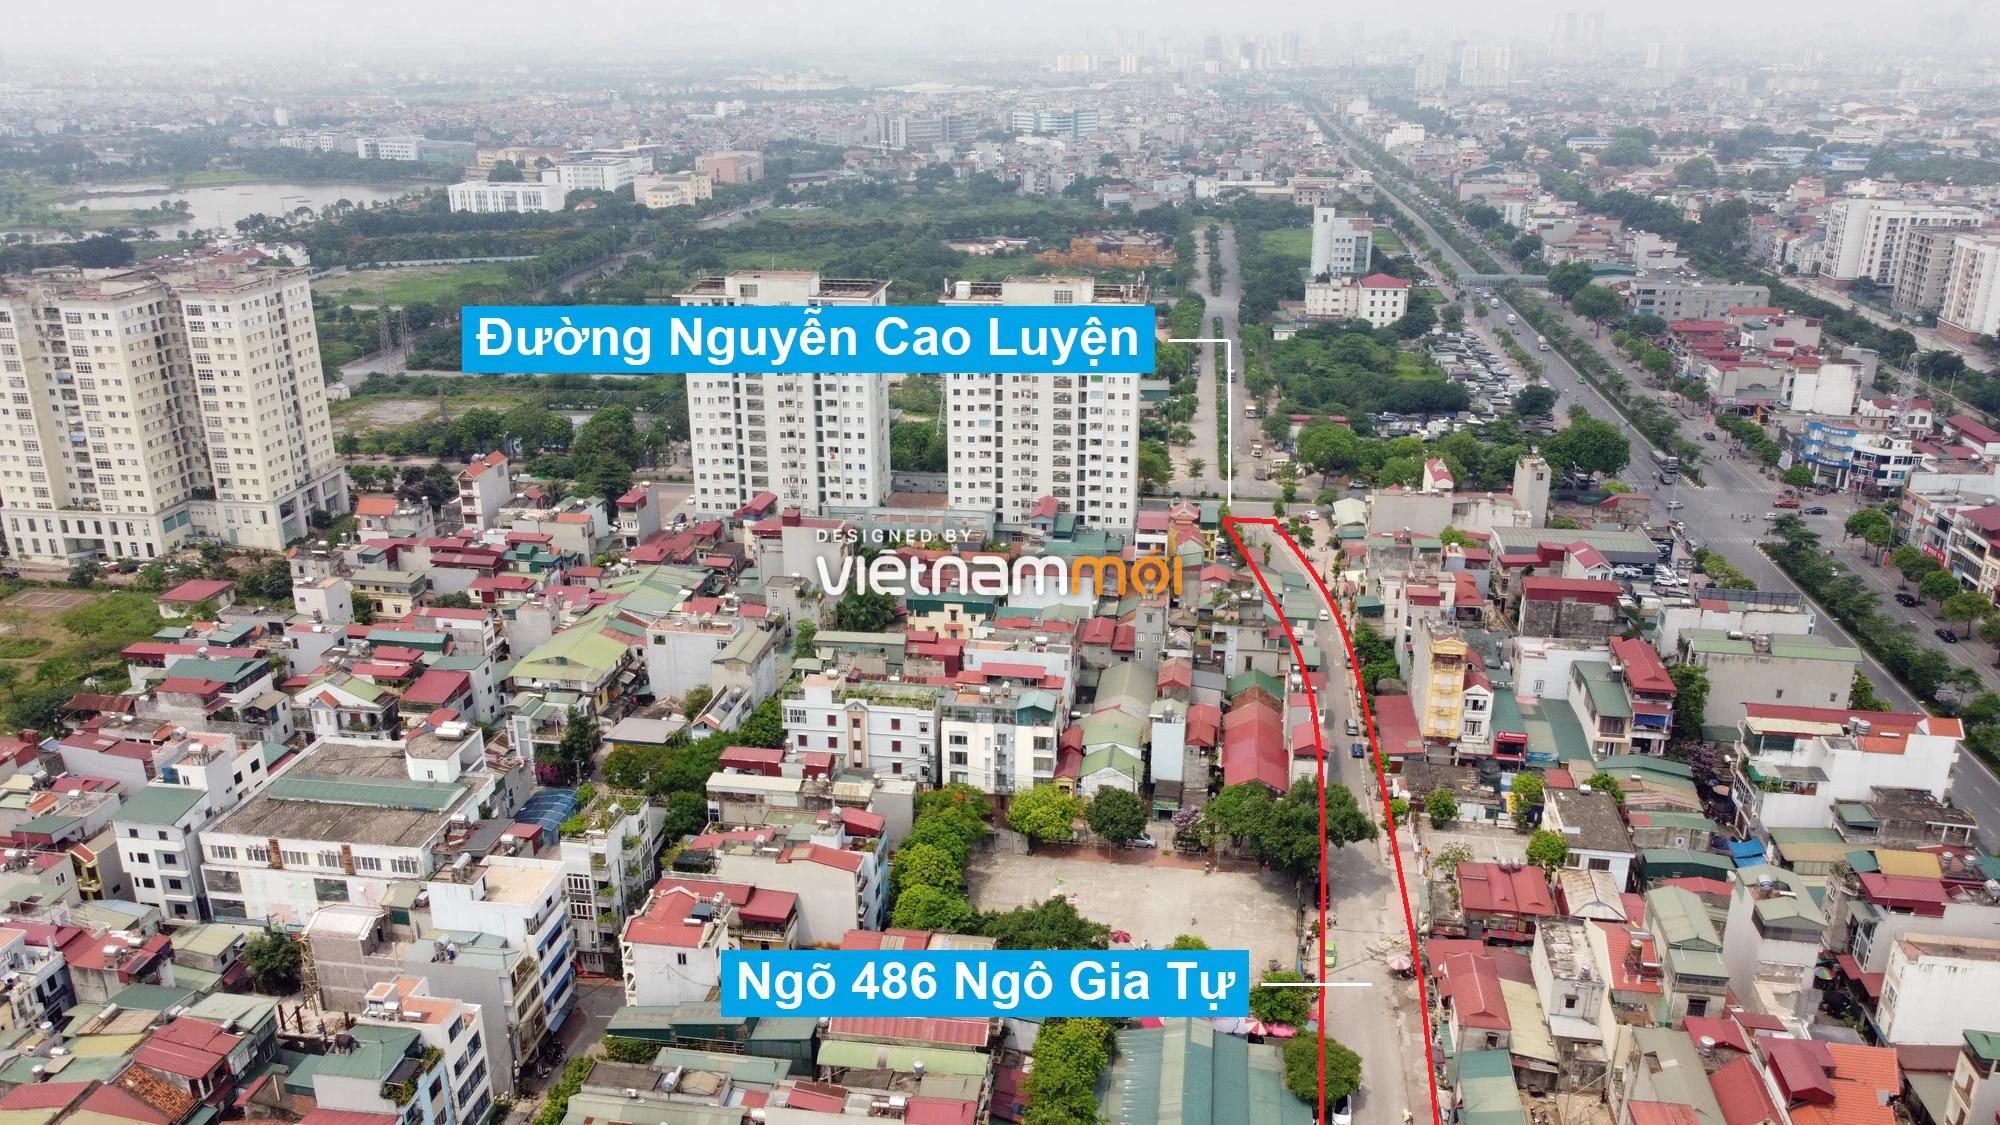 Những khu đất sắp thu hồi để mở đường ở phường Đức Giang, Long Biên, Hà Nội (phần 3) - Ảnh 9.